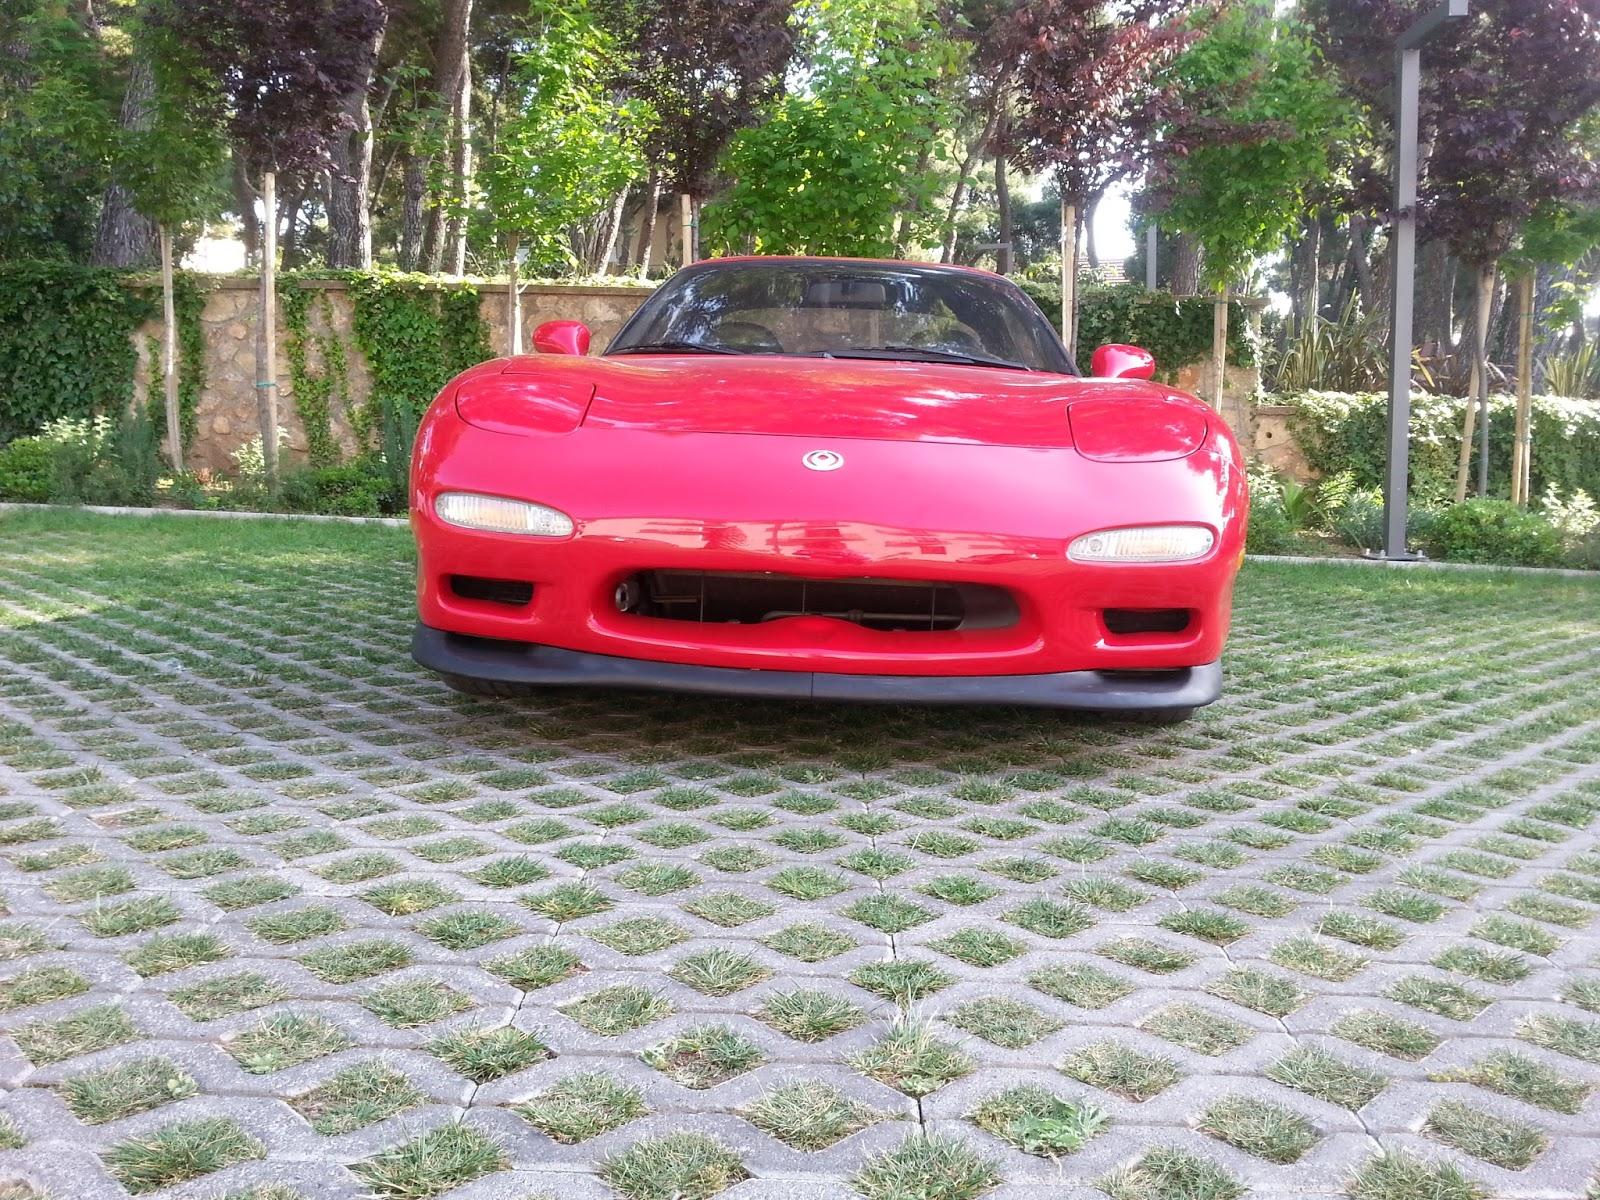 17 Όταν οδήγησα ένα καινούριο Mazda RX-7 Mazda, Mazda RX-7, TEST, zblog, αυτοκίνητα, ΔΟΚΙΜΕΣ, καινούρια, μεταχειρισμένα, οδηγούμε